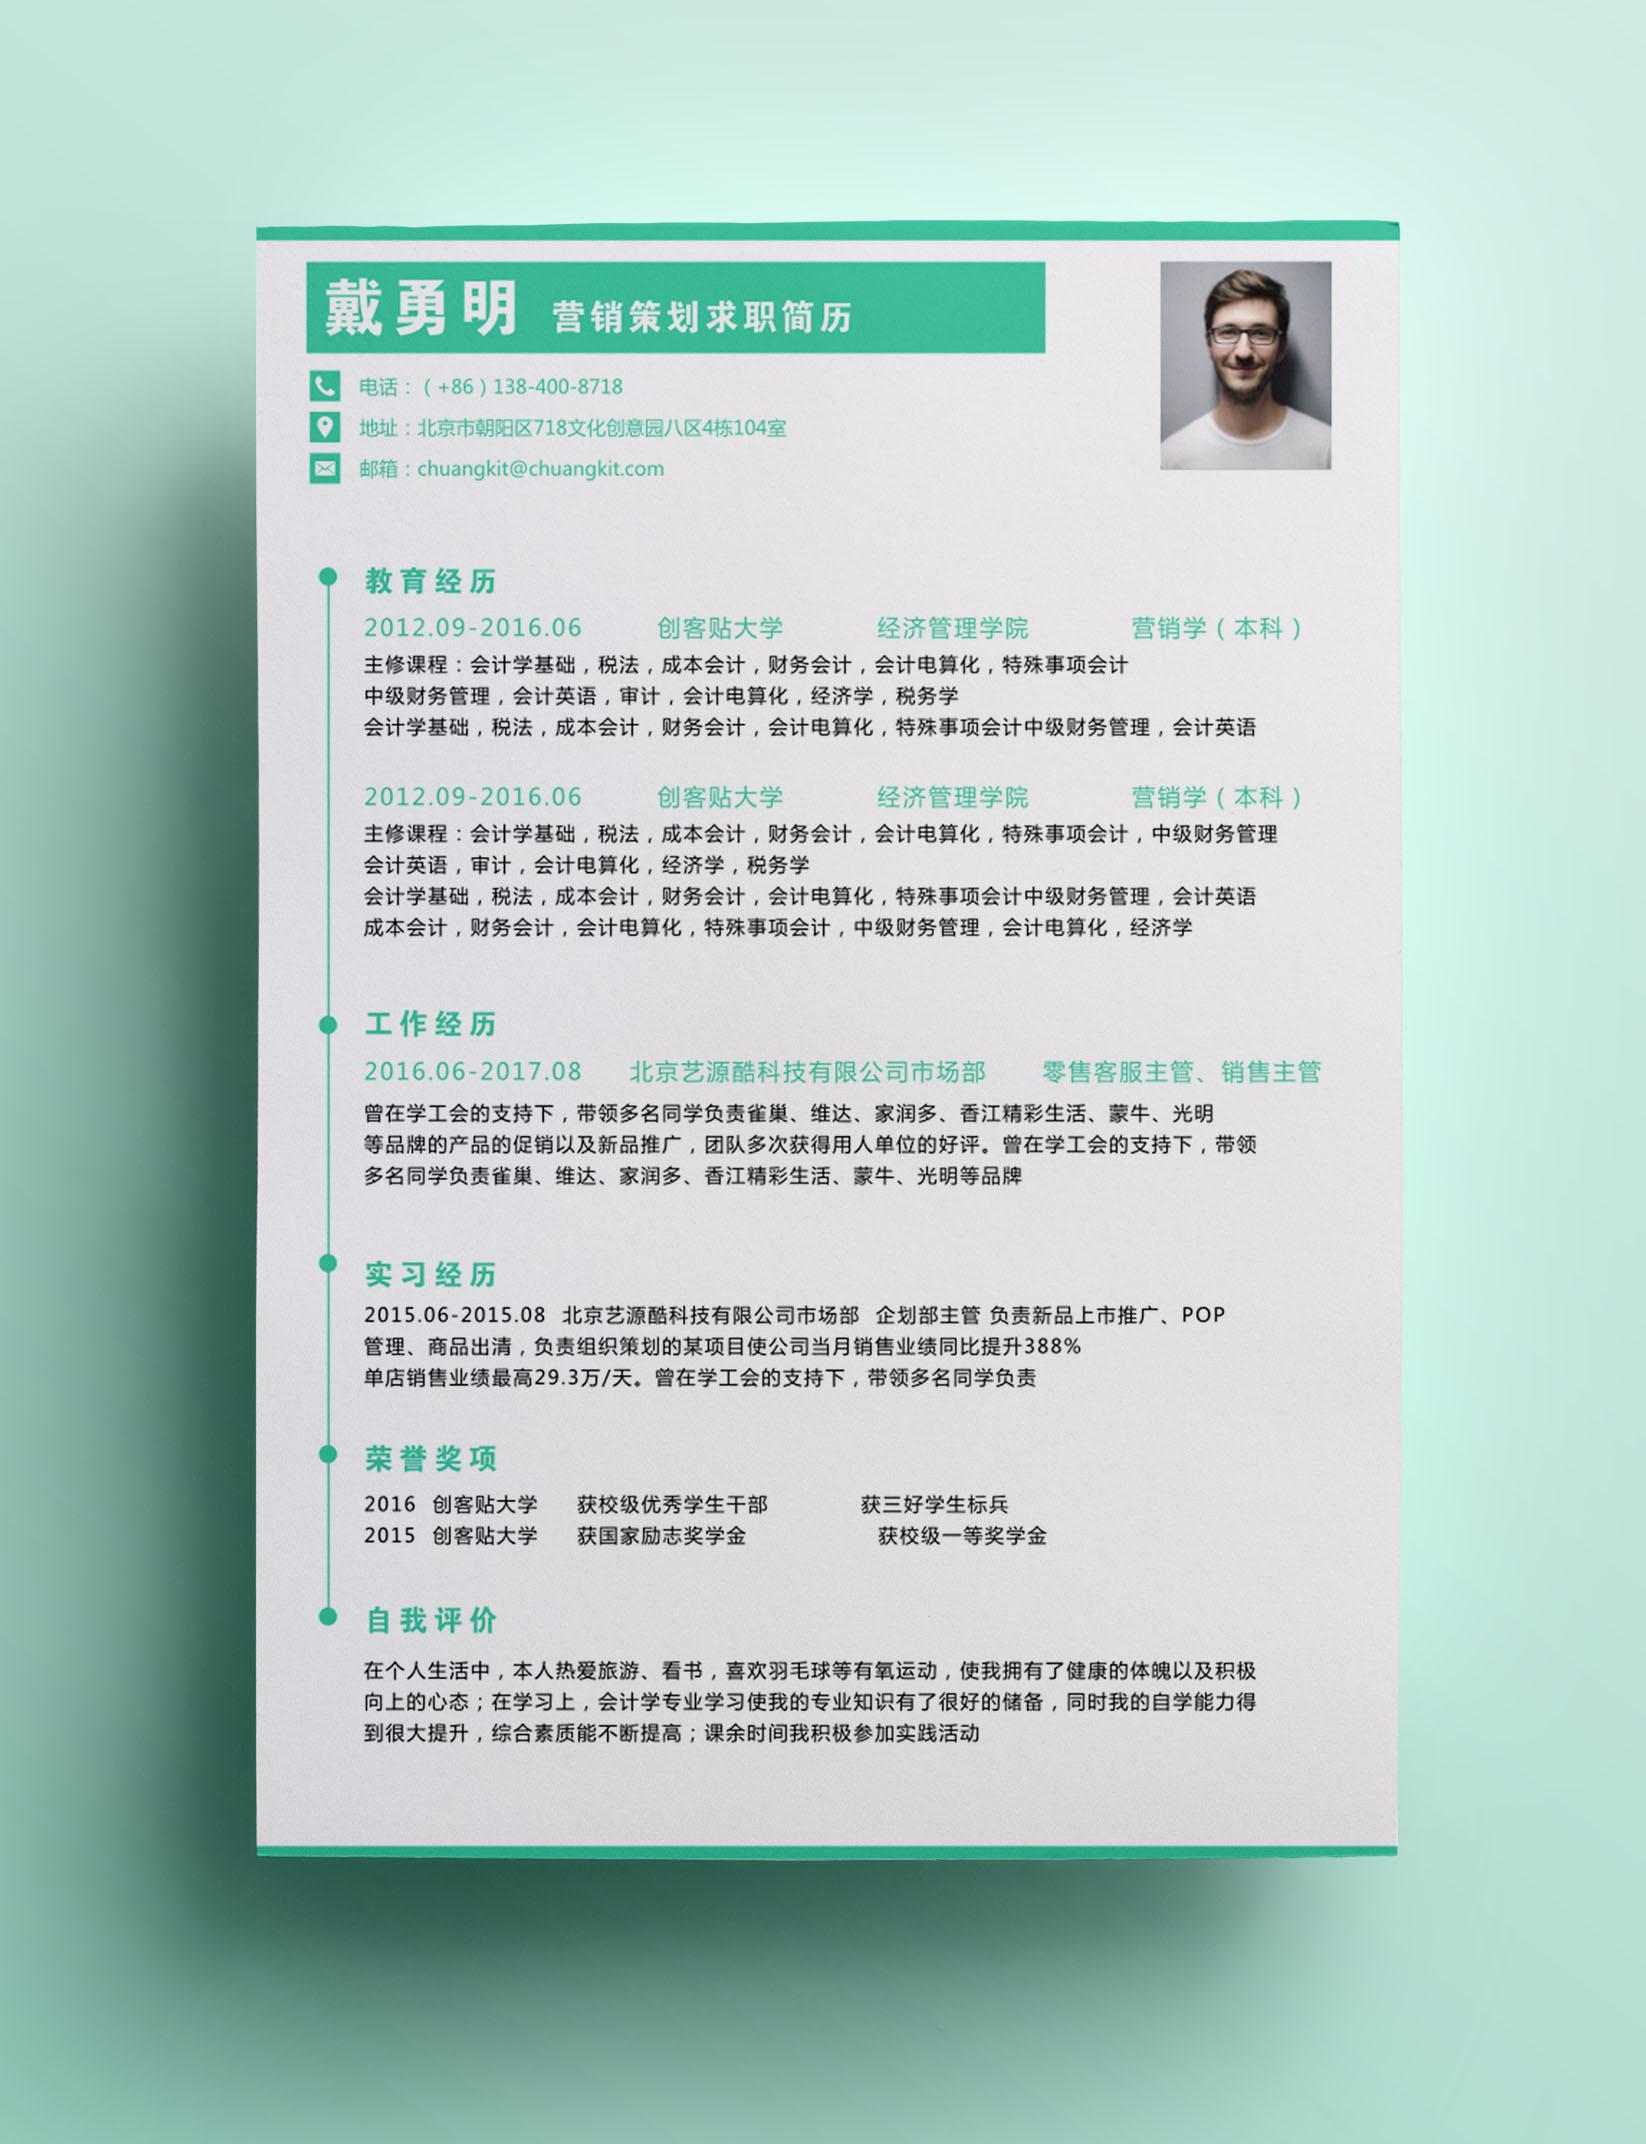 绿色清新营销相关求职简历